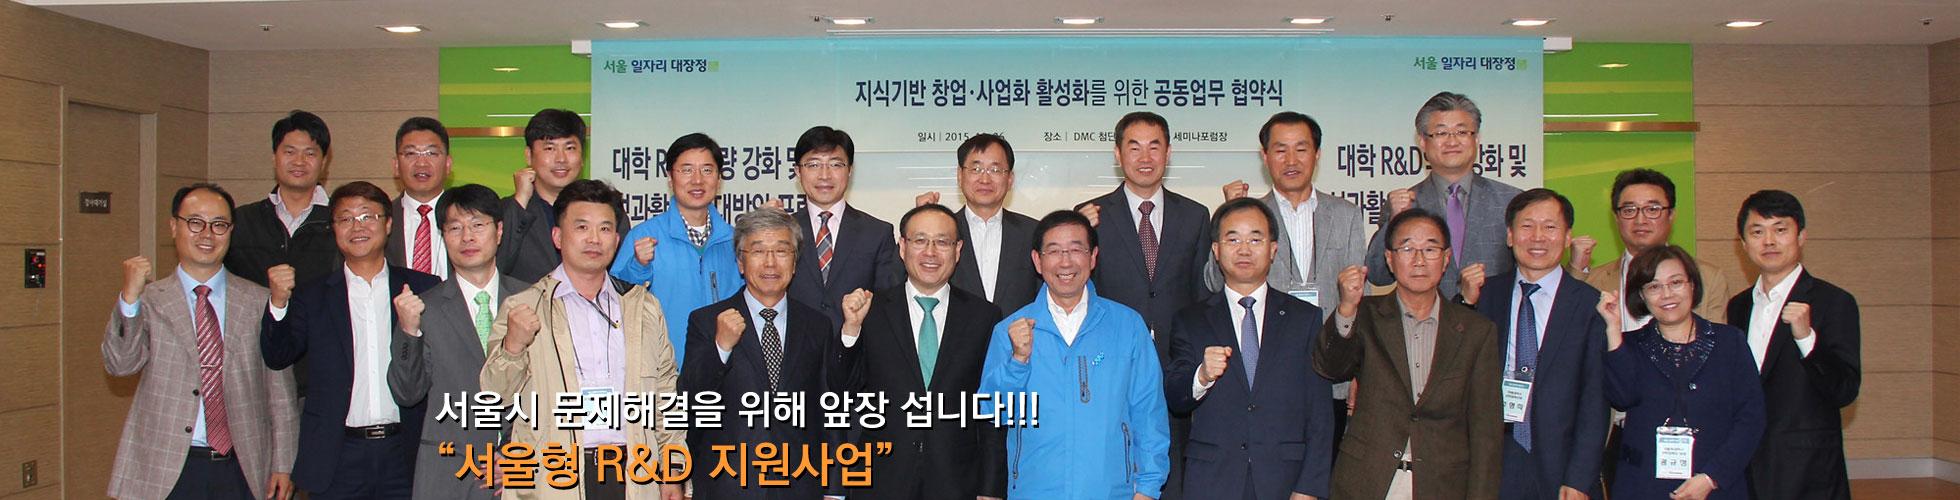 서울시 문제해결을 위해 앞장 섭니다!!! 서울RnD지원사업